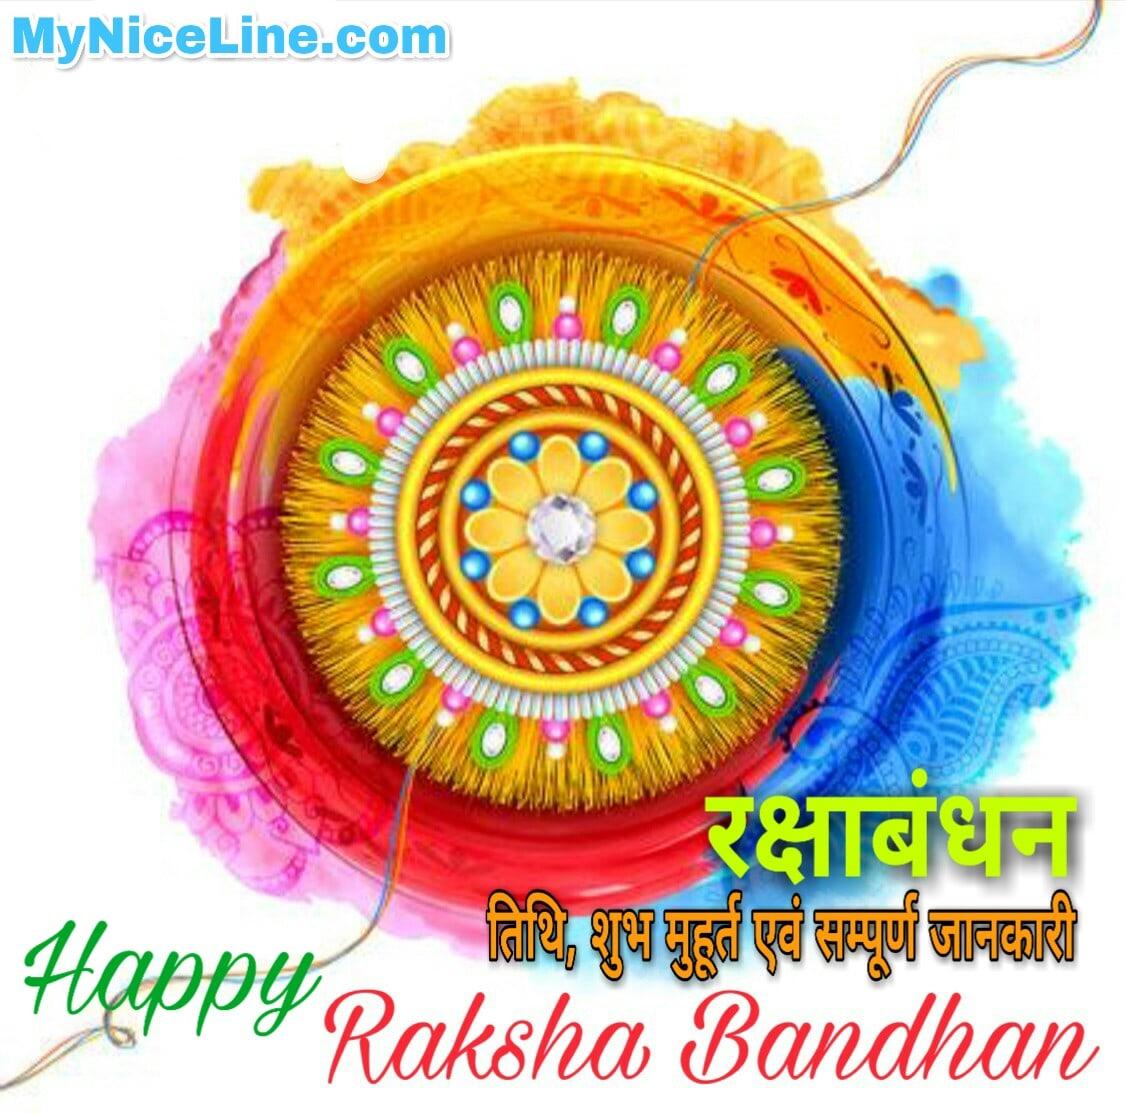 रक्षाबंधन (राखी) 2019 में कब है?,रक्षाबंधन (राखी) क्यों मनाया जाता है? रक्षाबंधन पर निबंध essay on raksha bandana (rakhi) in hindi, raksha bandana date in hindi